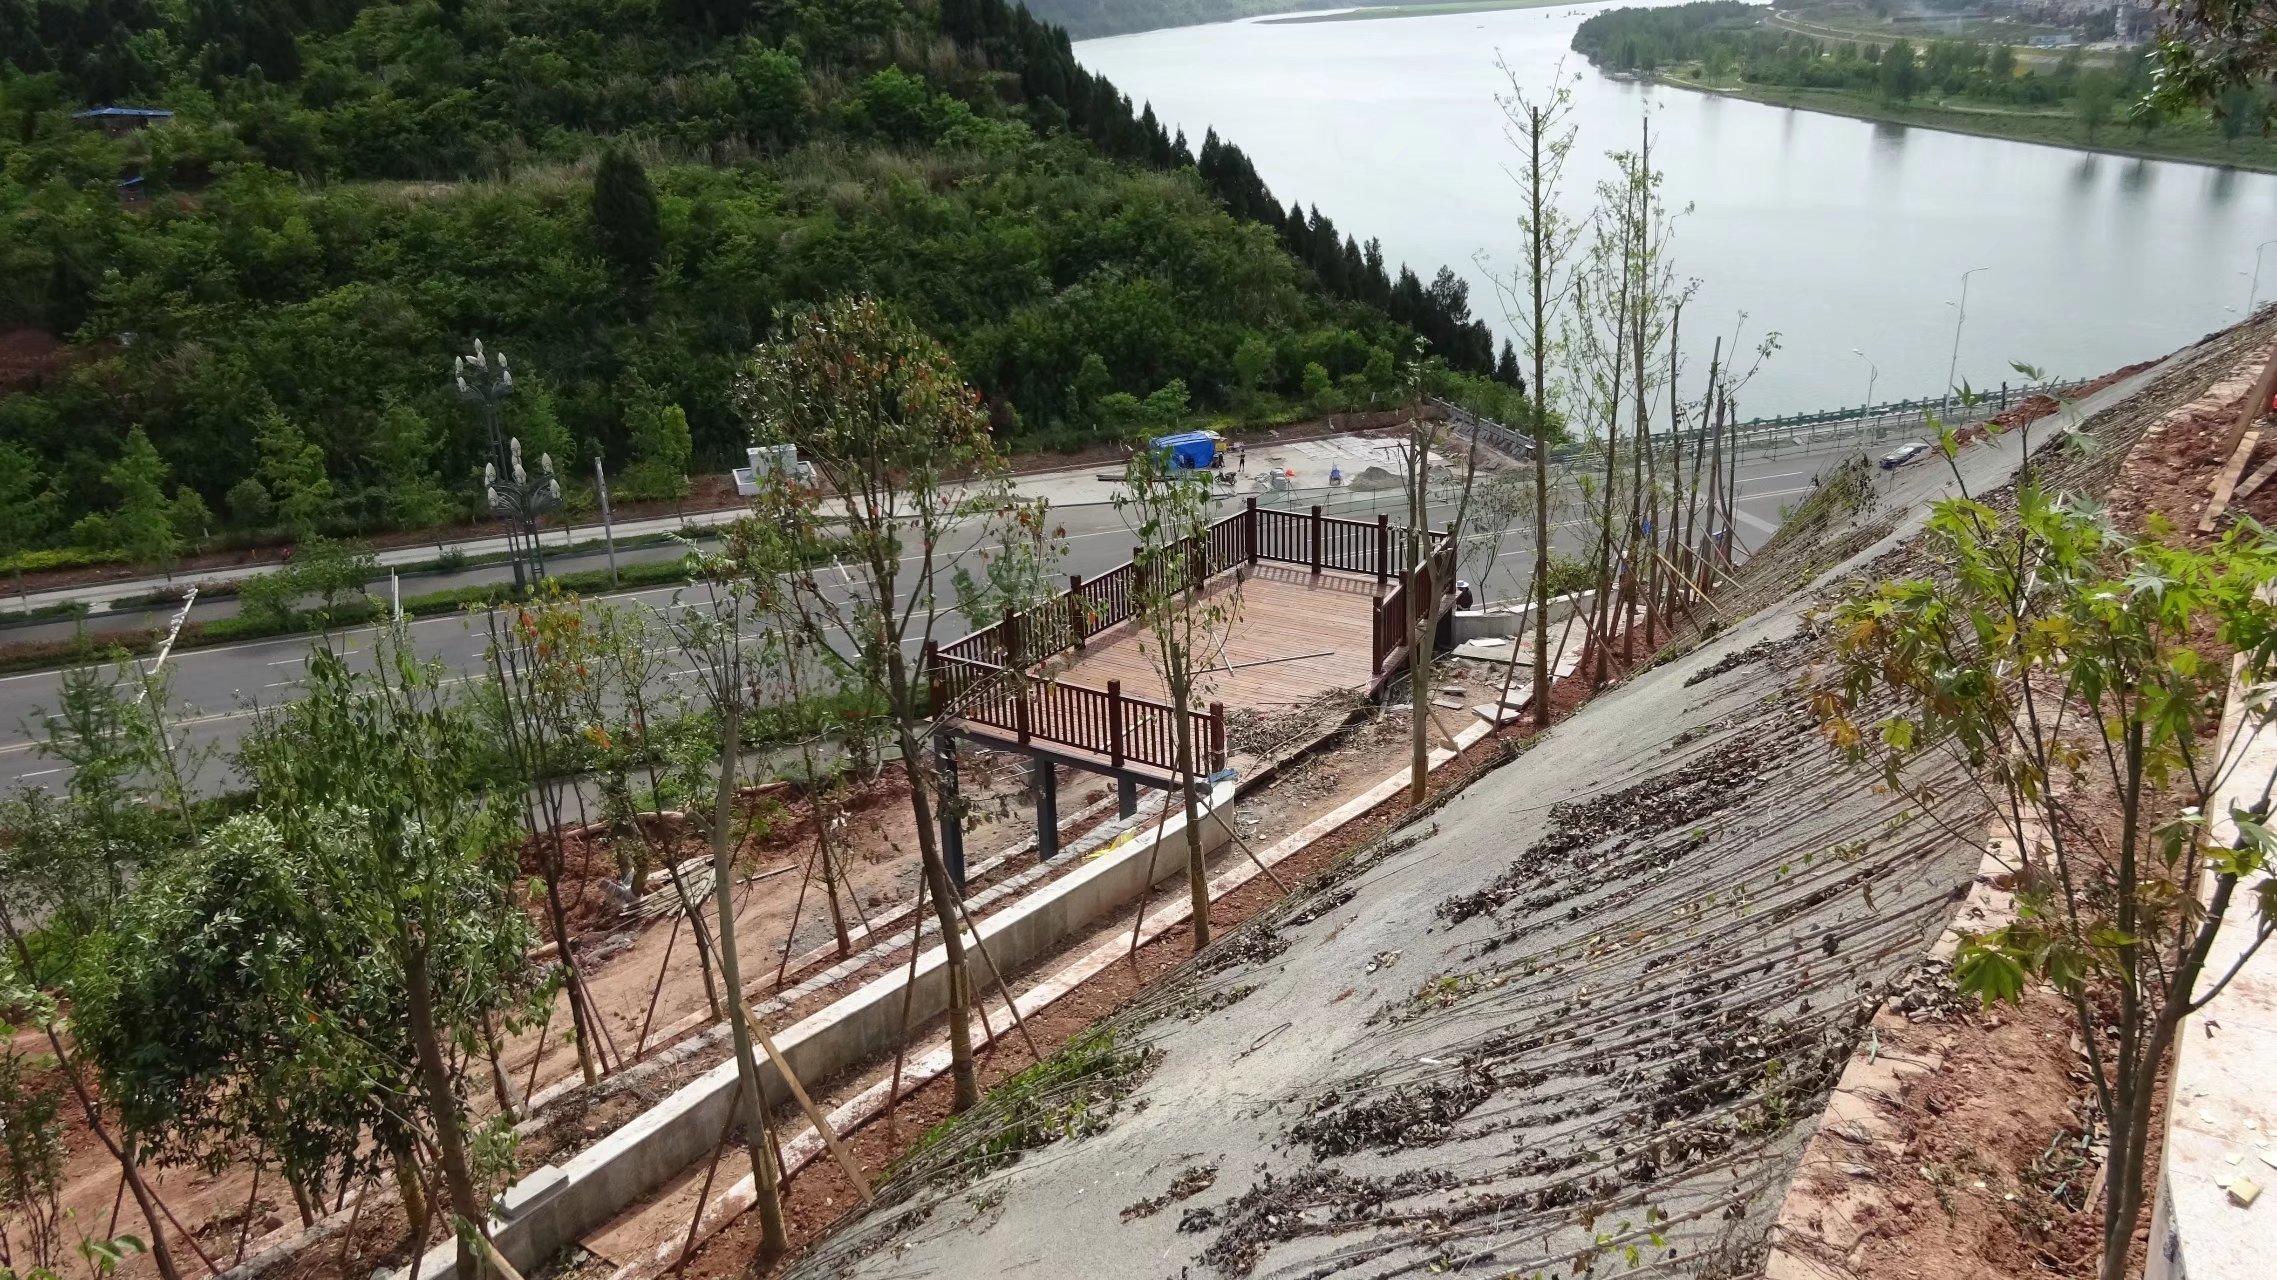 蓬安桑梓火锅公园施工进度(2018-05-10) - 第17张    蓬安在线